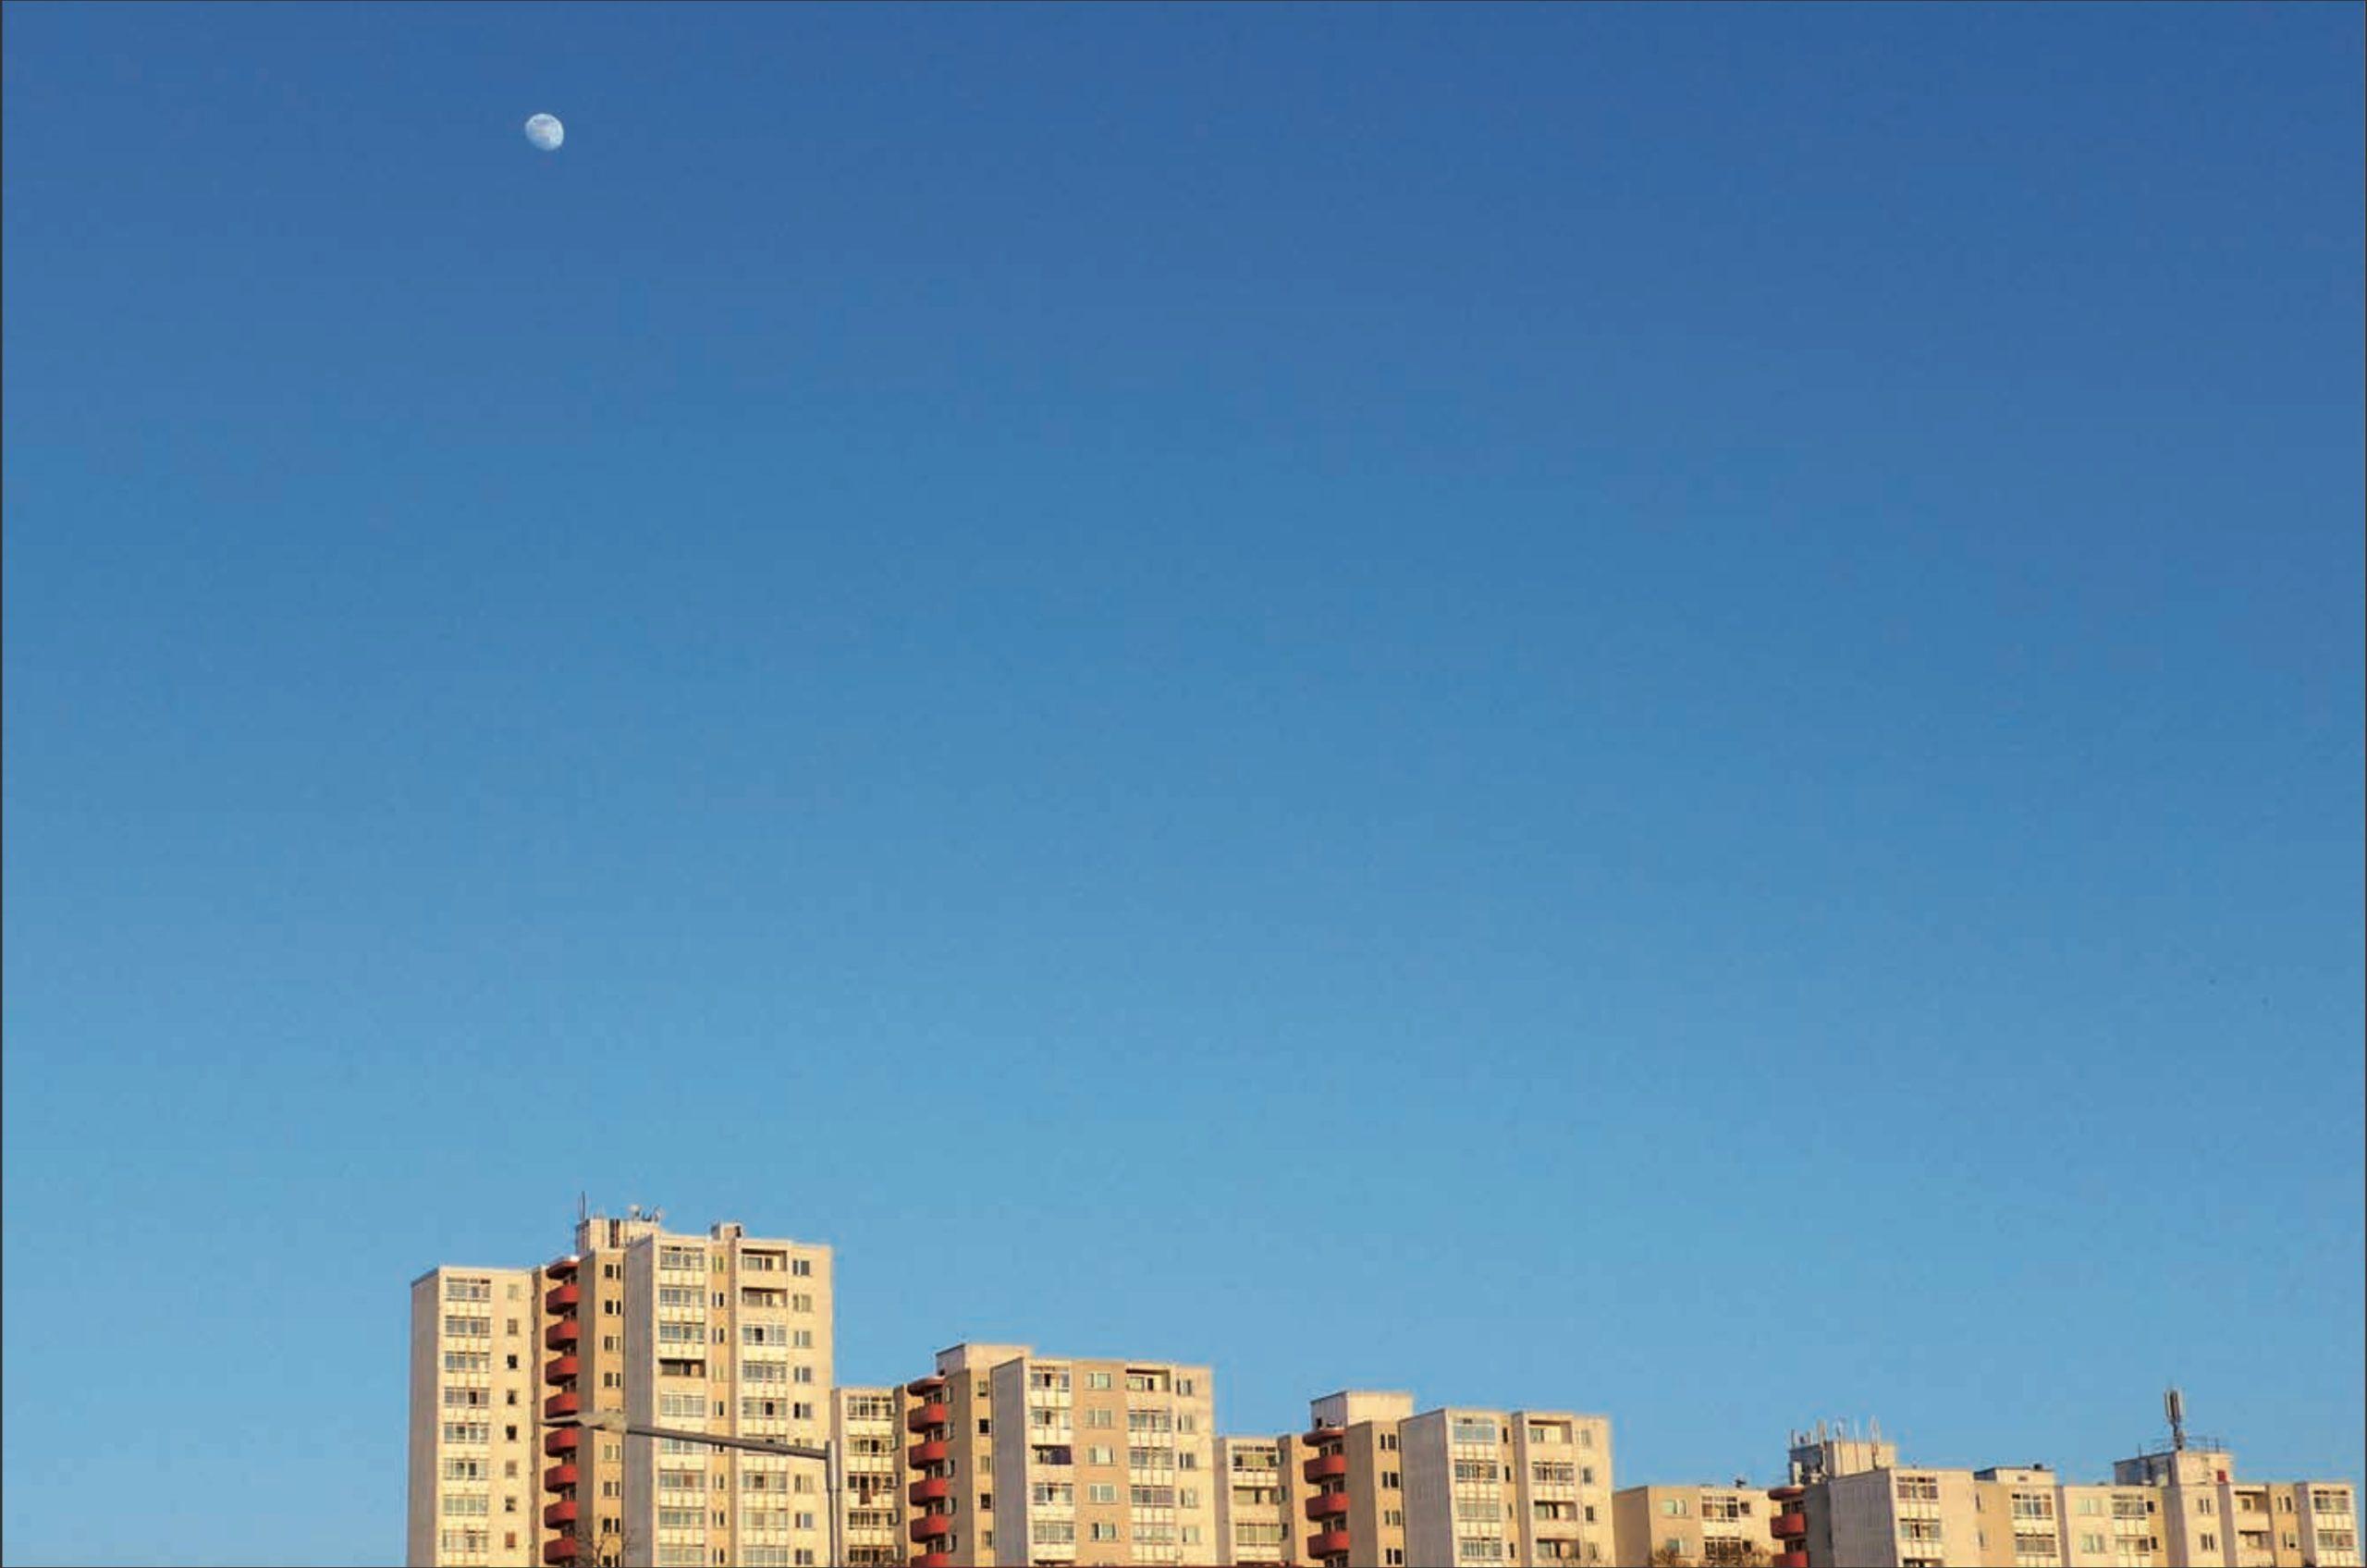 Hochhaus-Skyline der High-Deck-Siedllung vor blauem Himmel